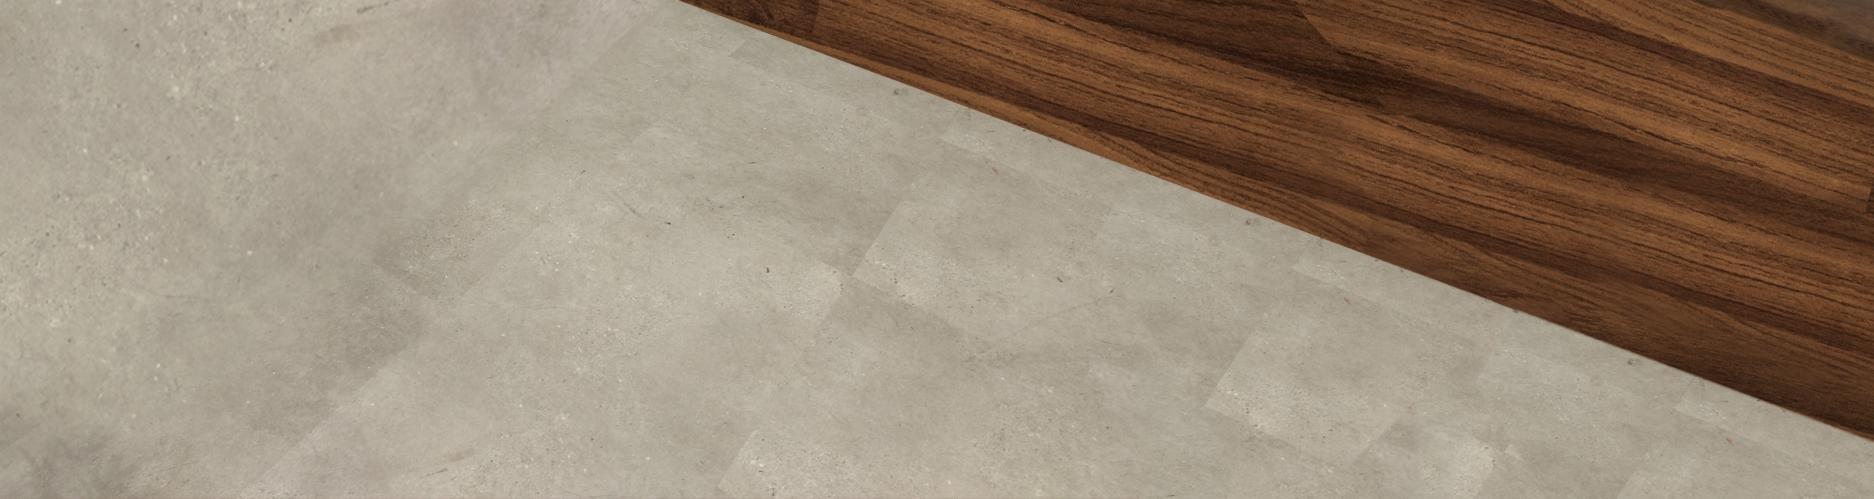 Waterproof Timber Floor For Bathroom Vinyl Wood Flooring